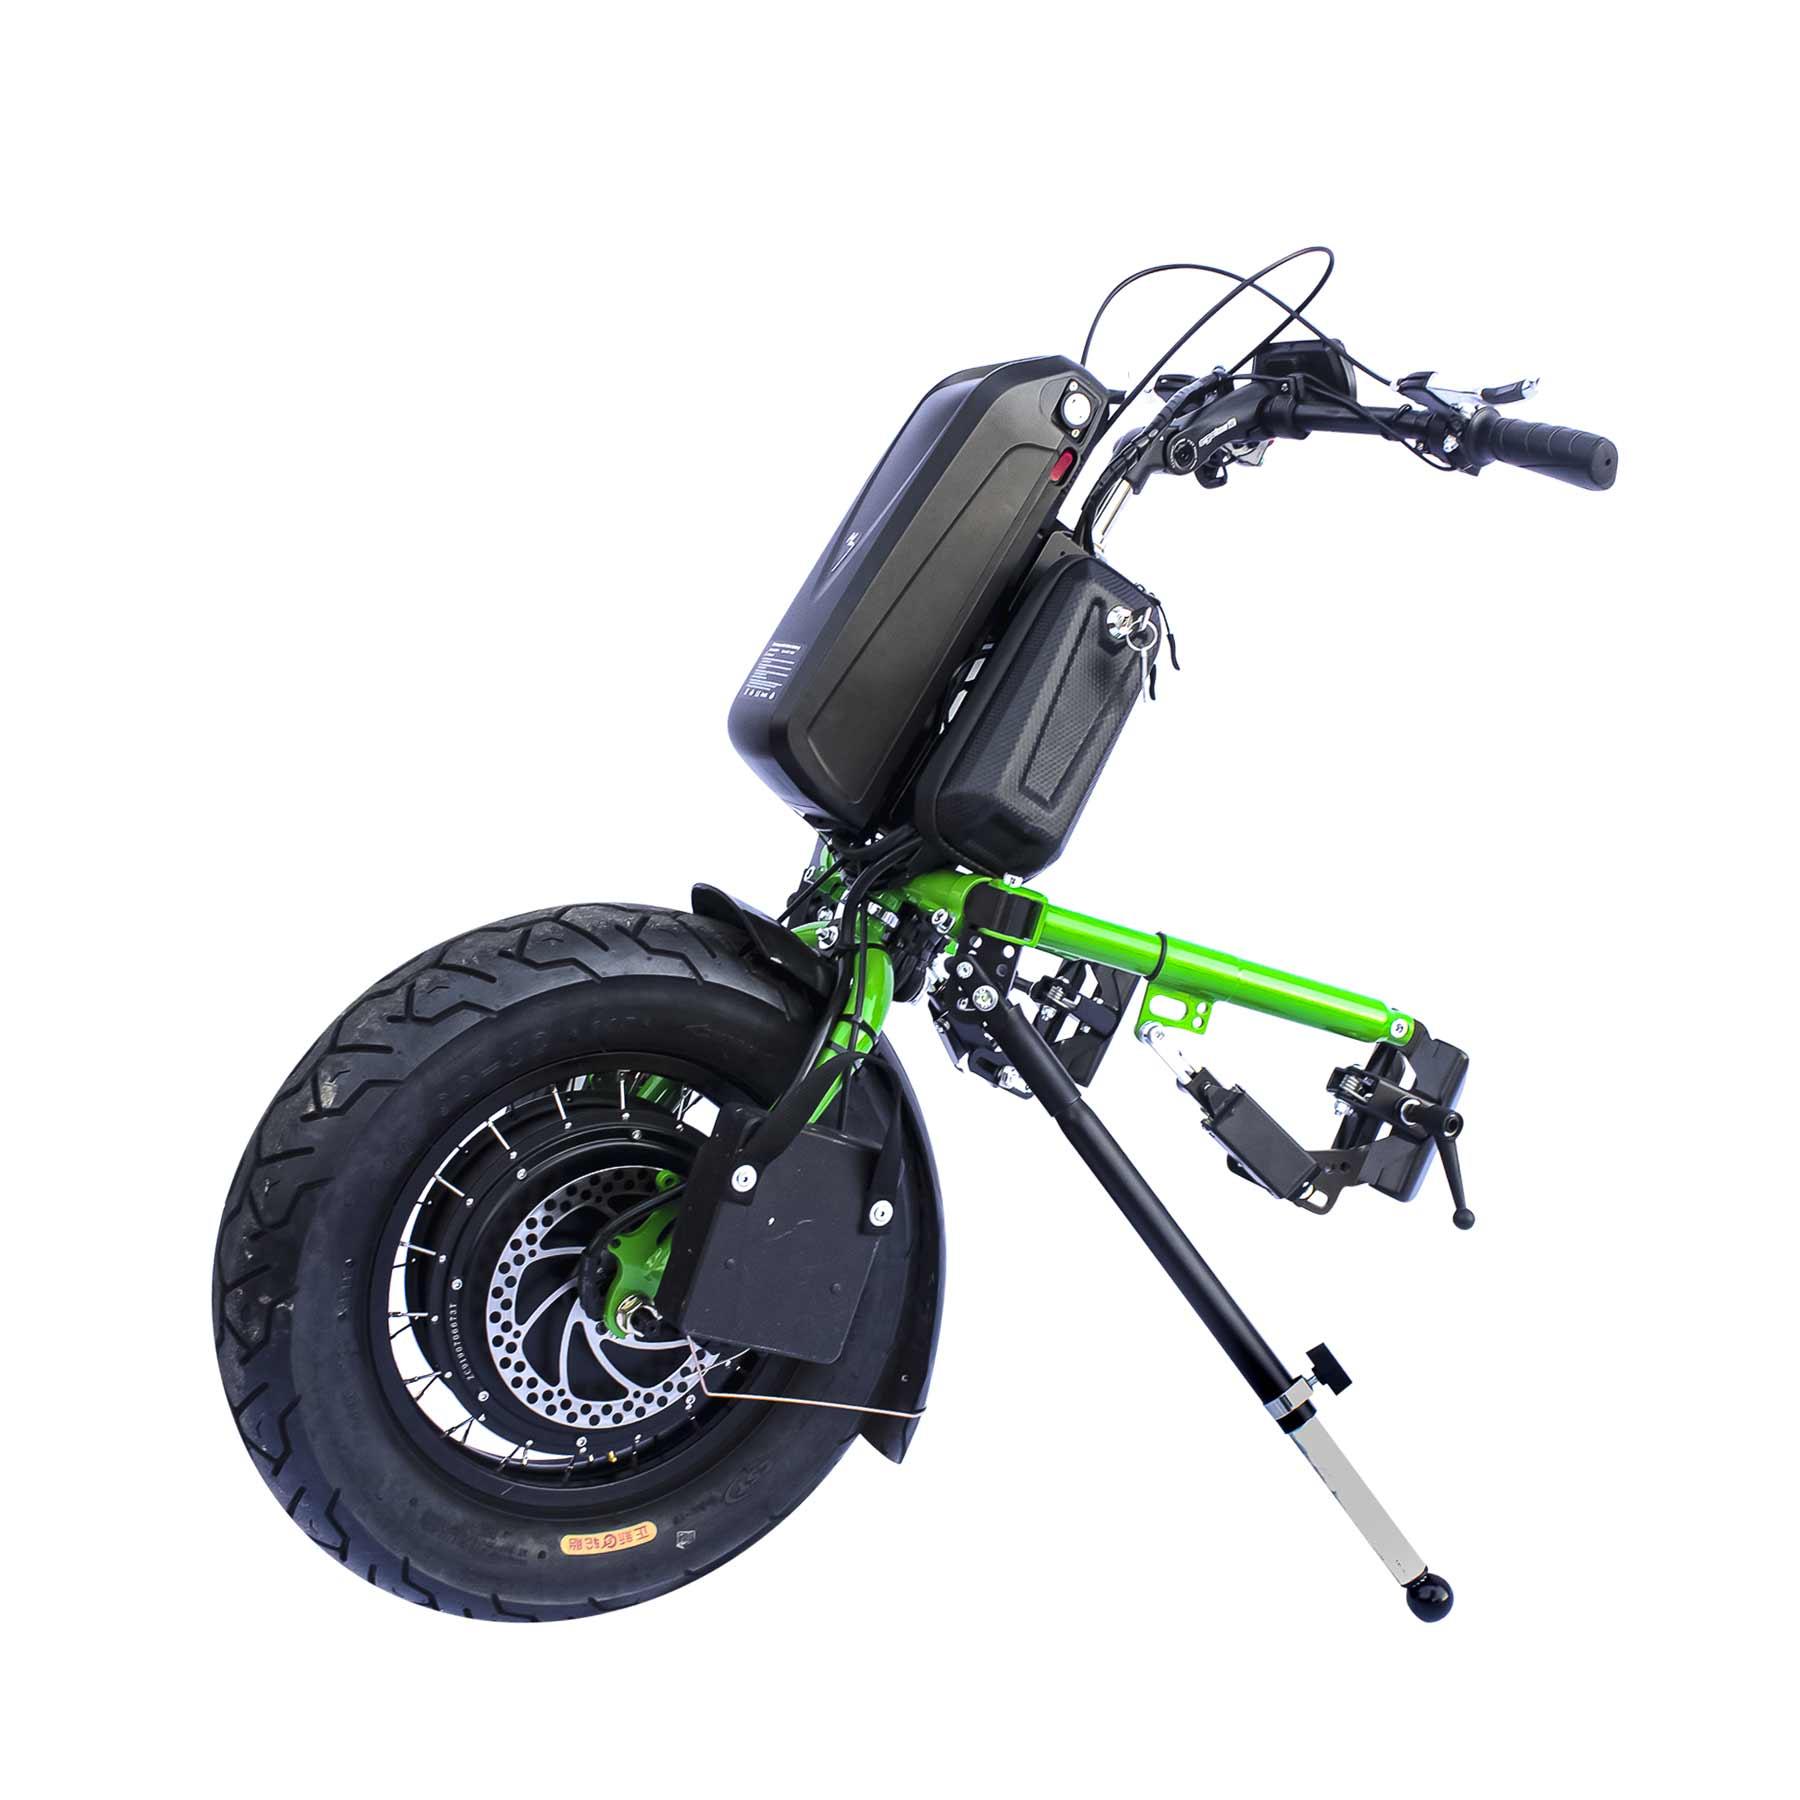 Crossbike - bald verfügbar